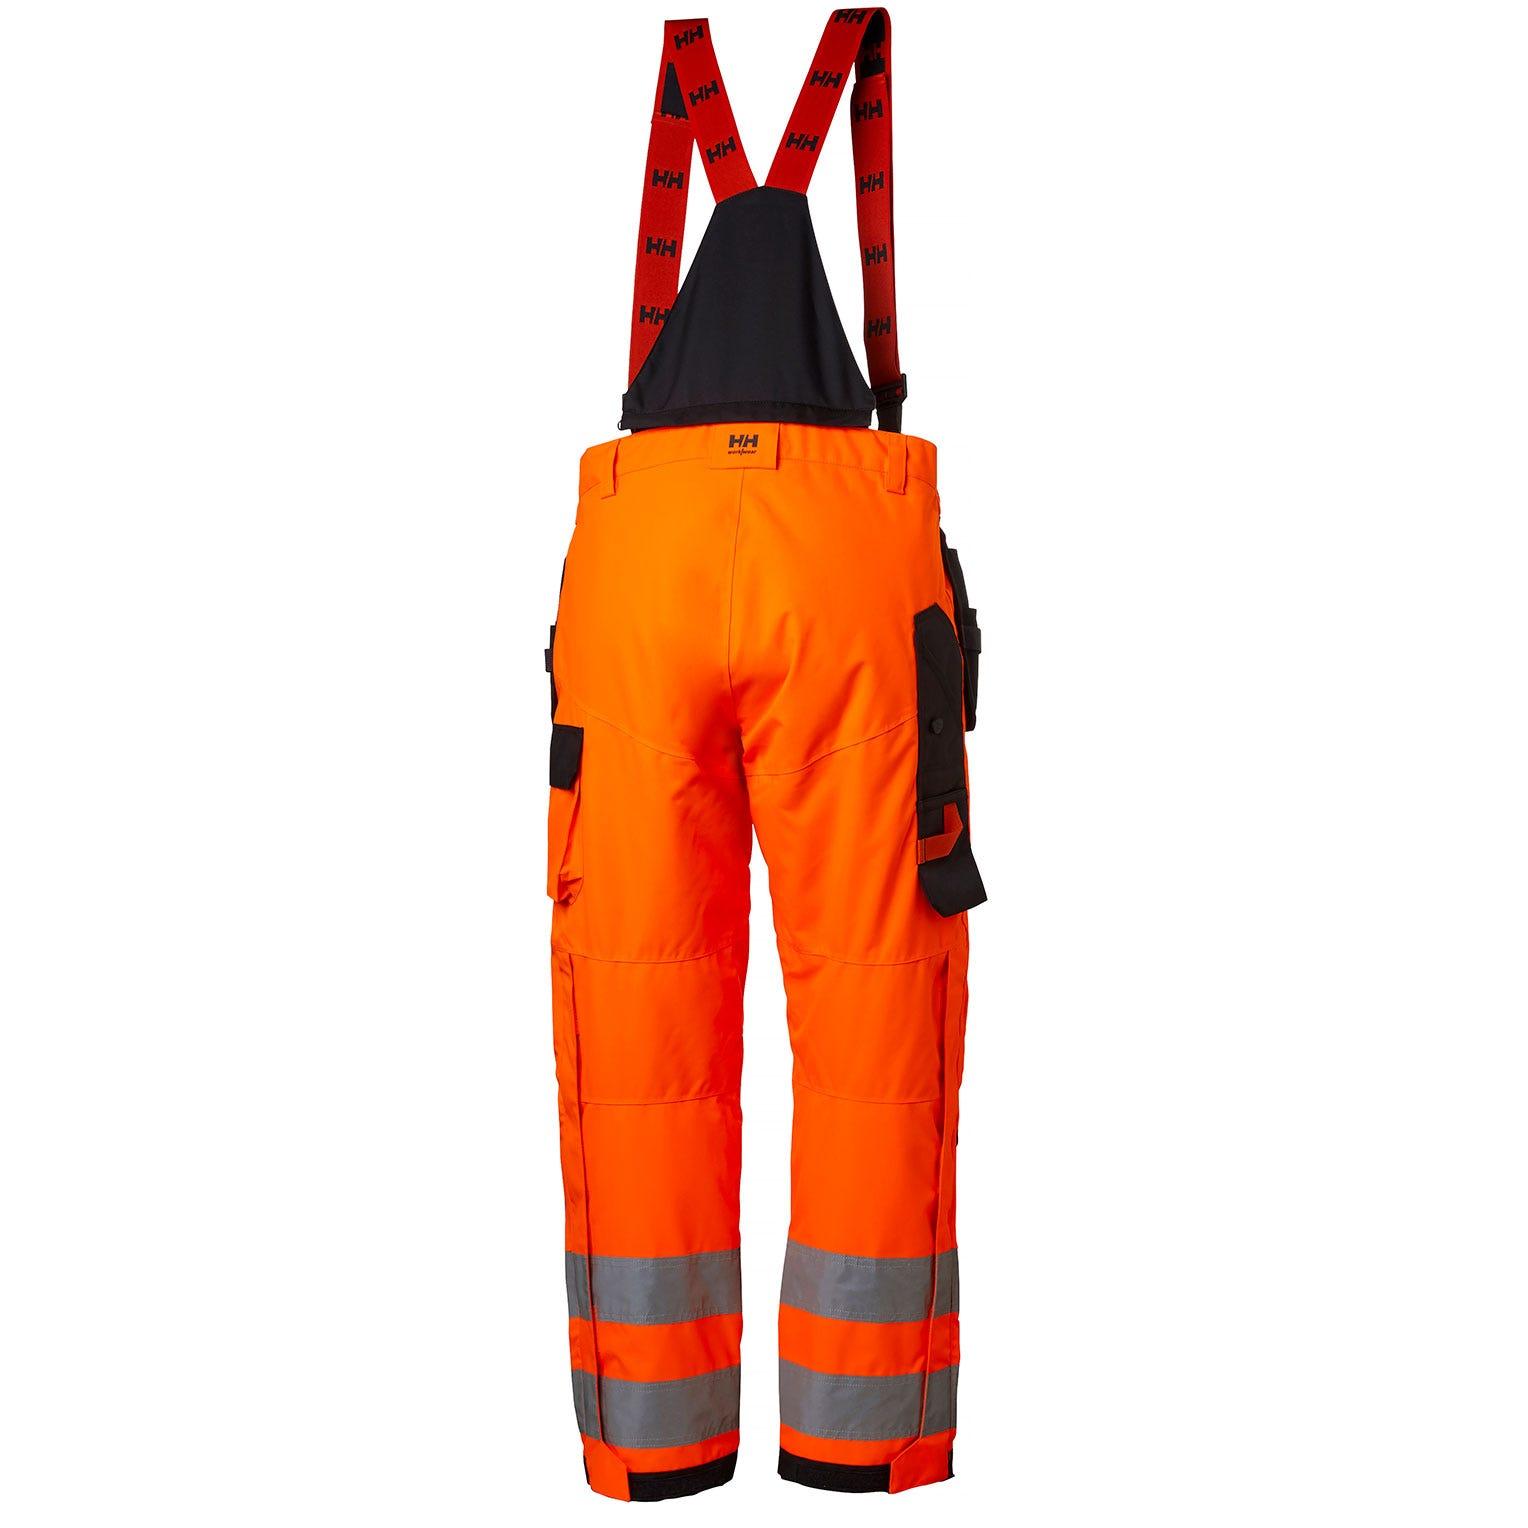 Helly Hansen Regenbroeken Alna 71496 High Vis fluo oranje-ebbenhout(269)